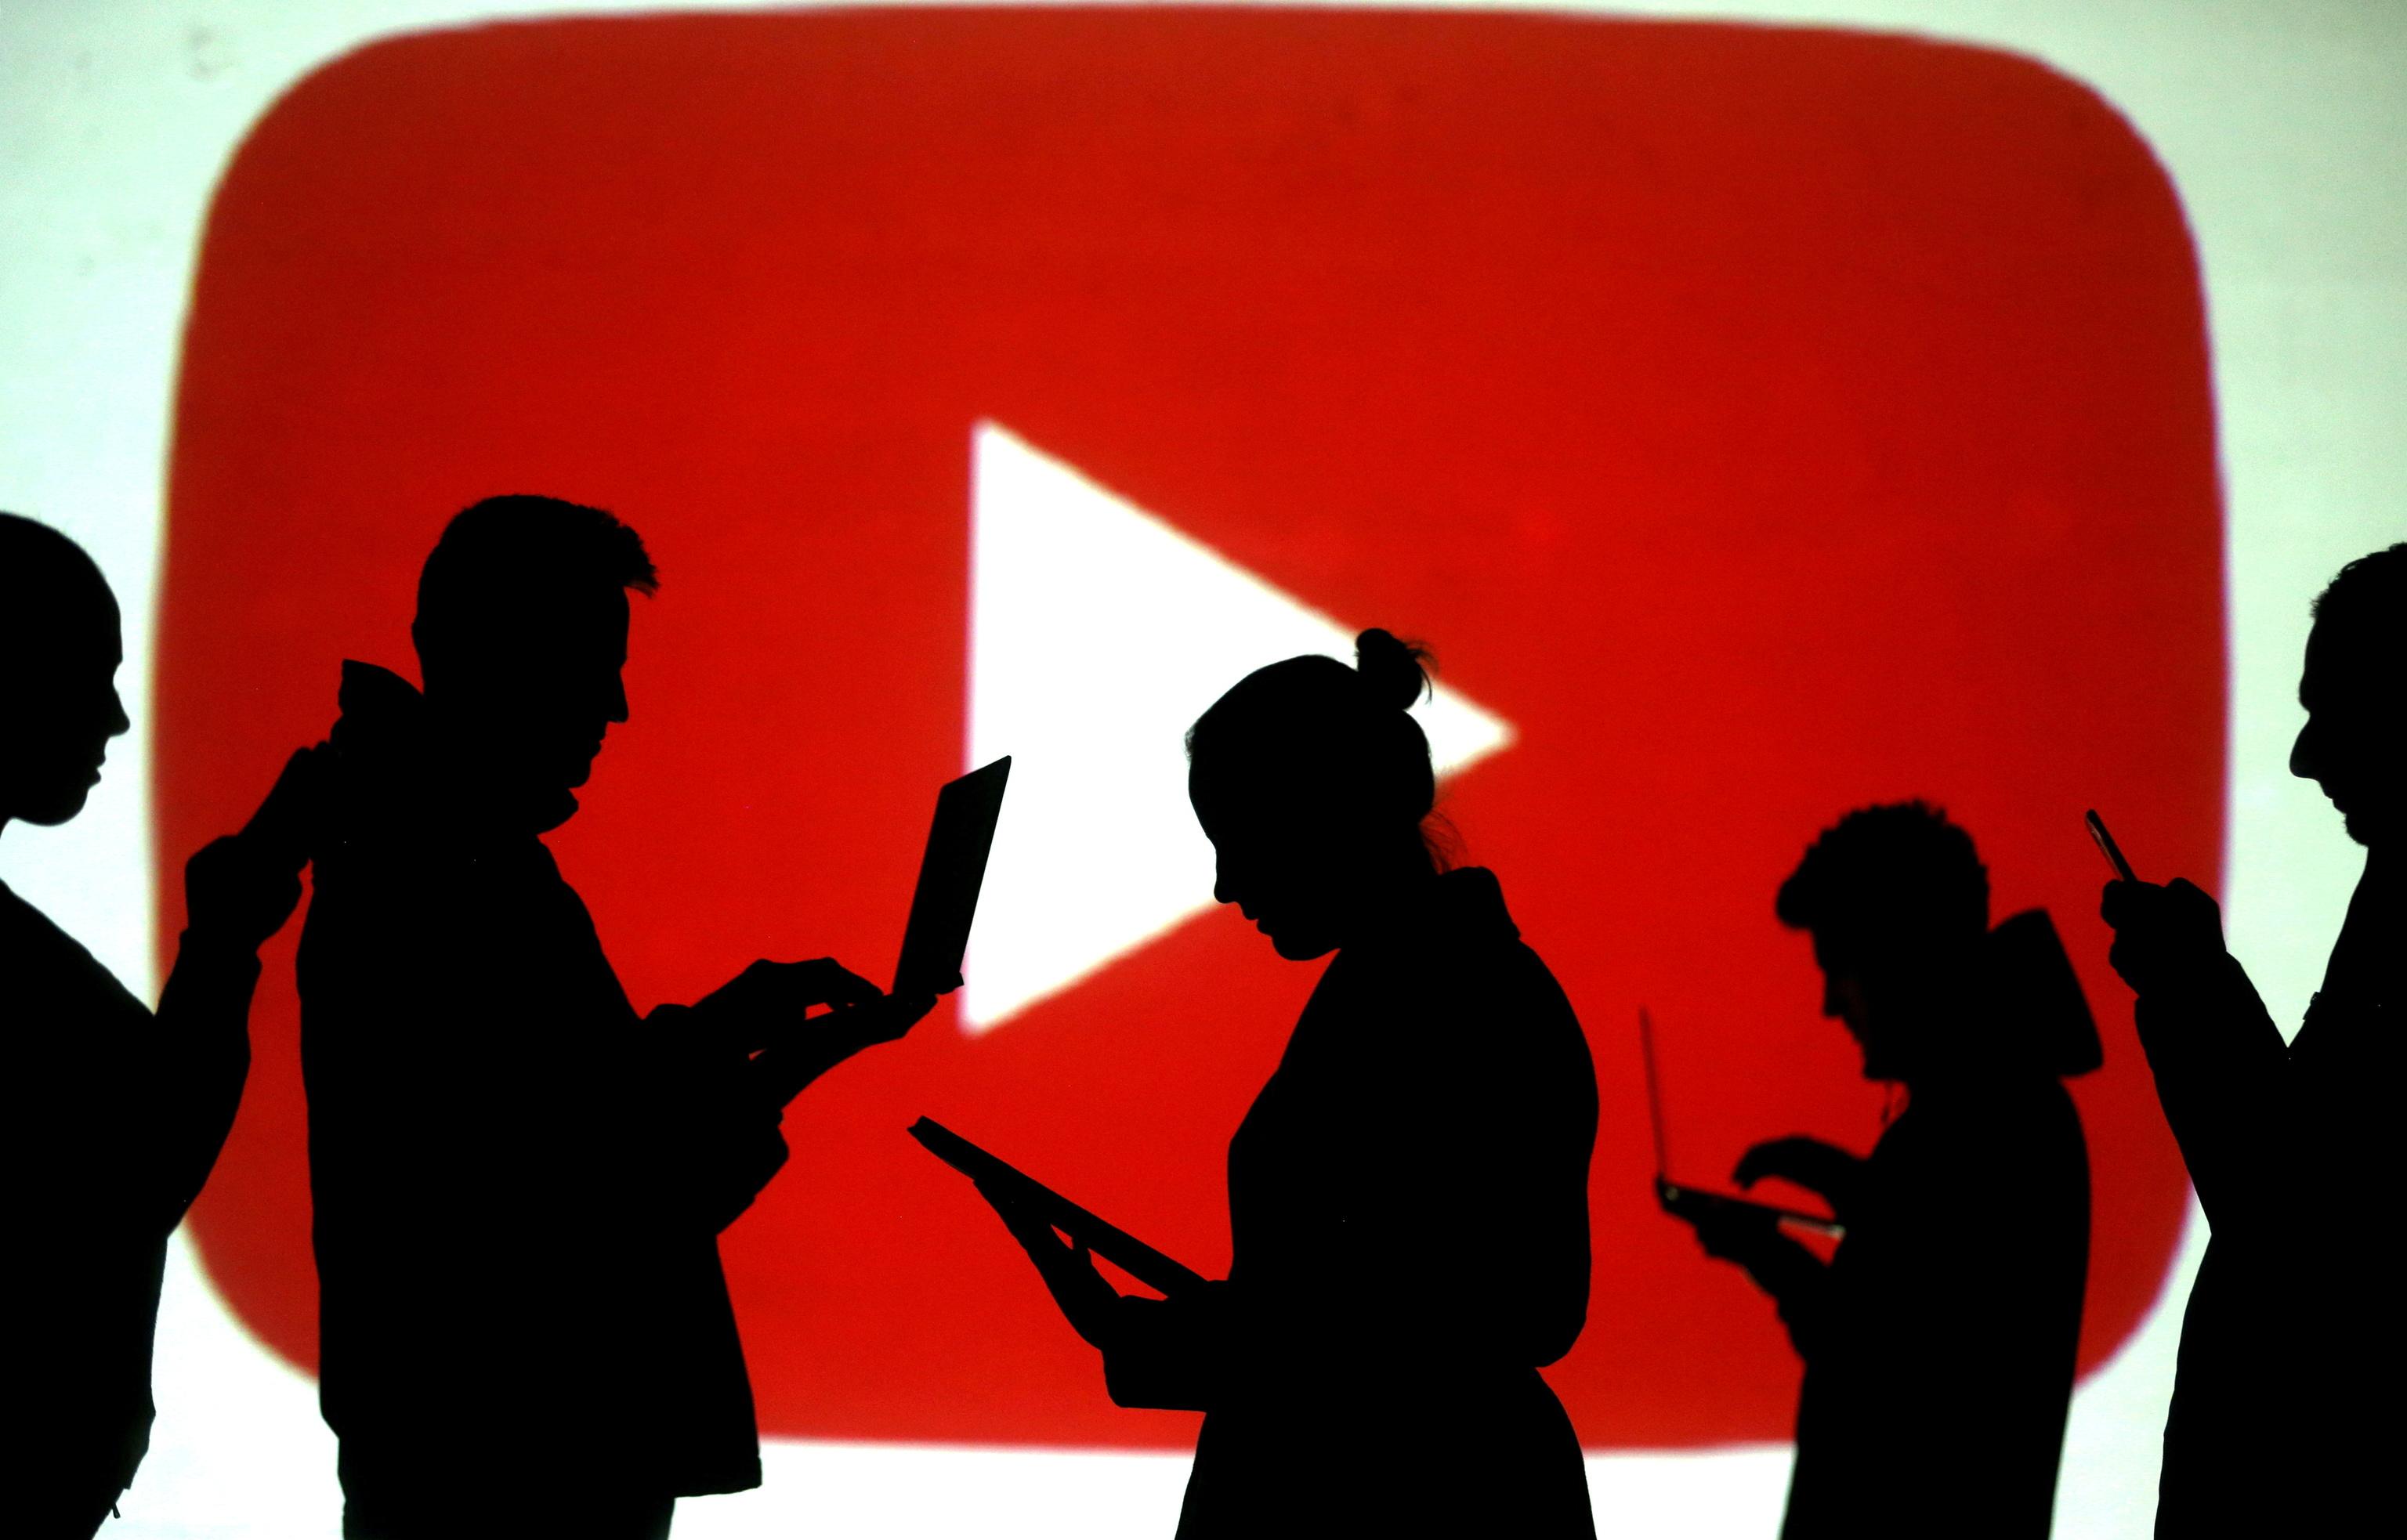 Siluetas con móviles y ordenadores ante el logo de YouTube.